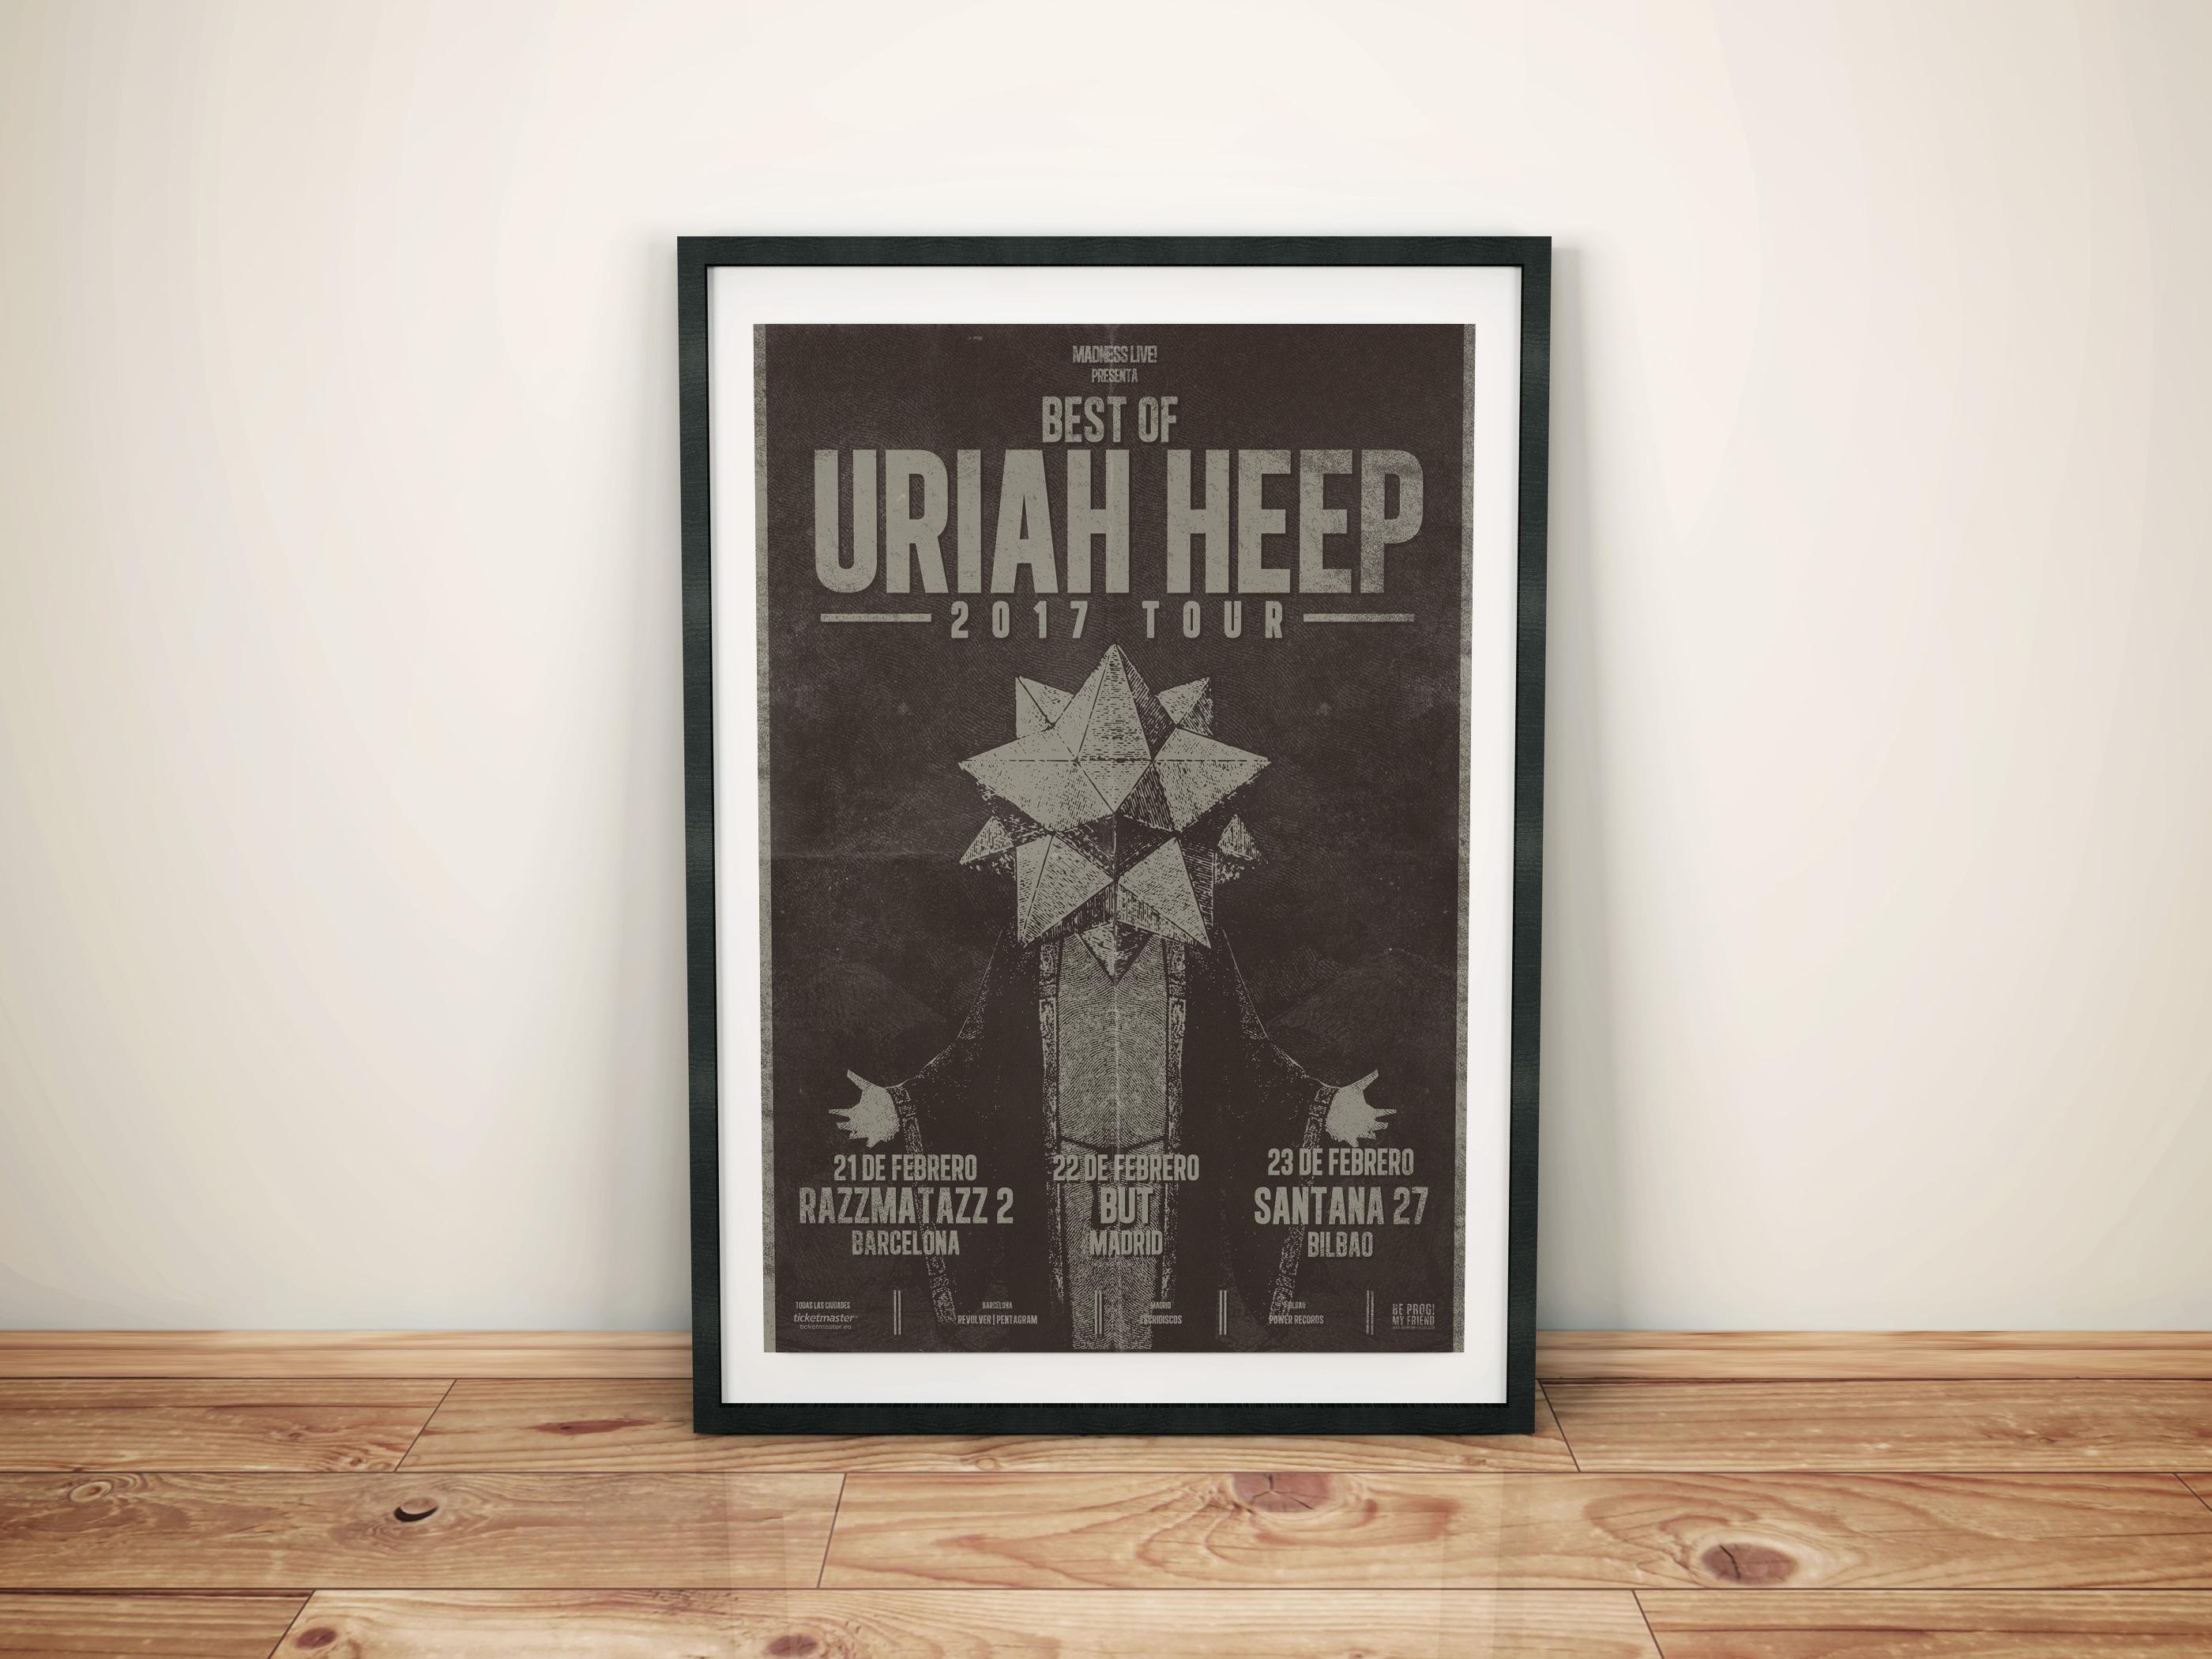 poster_uriahheep_bestof